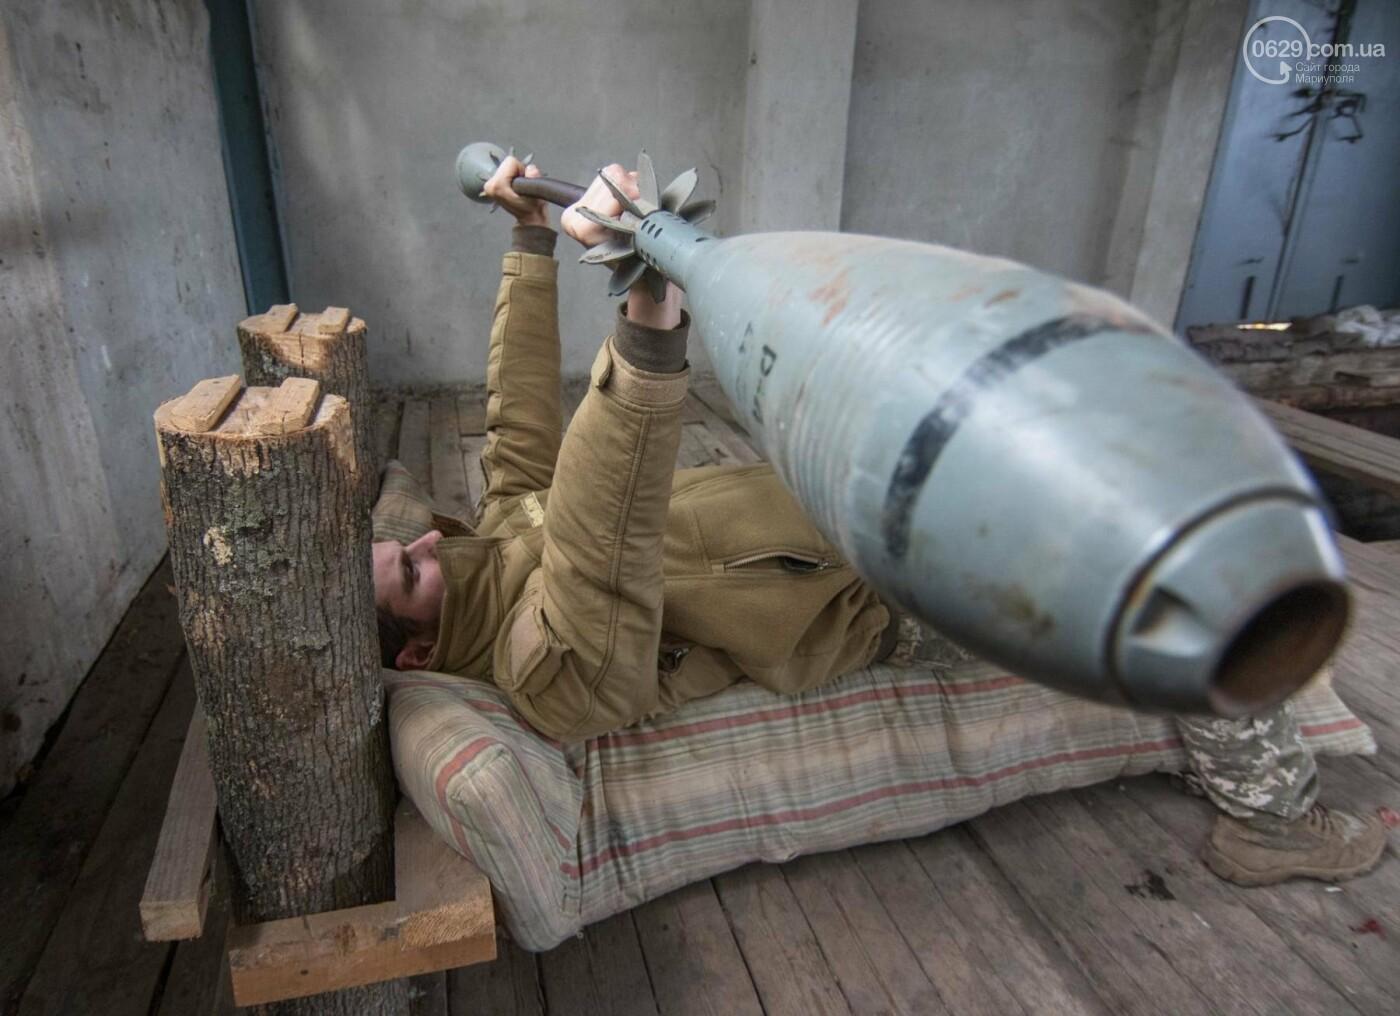 Фотография украинского военного, сделанная под Мариуполем, попала в The Guardian, фото-1